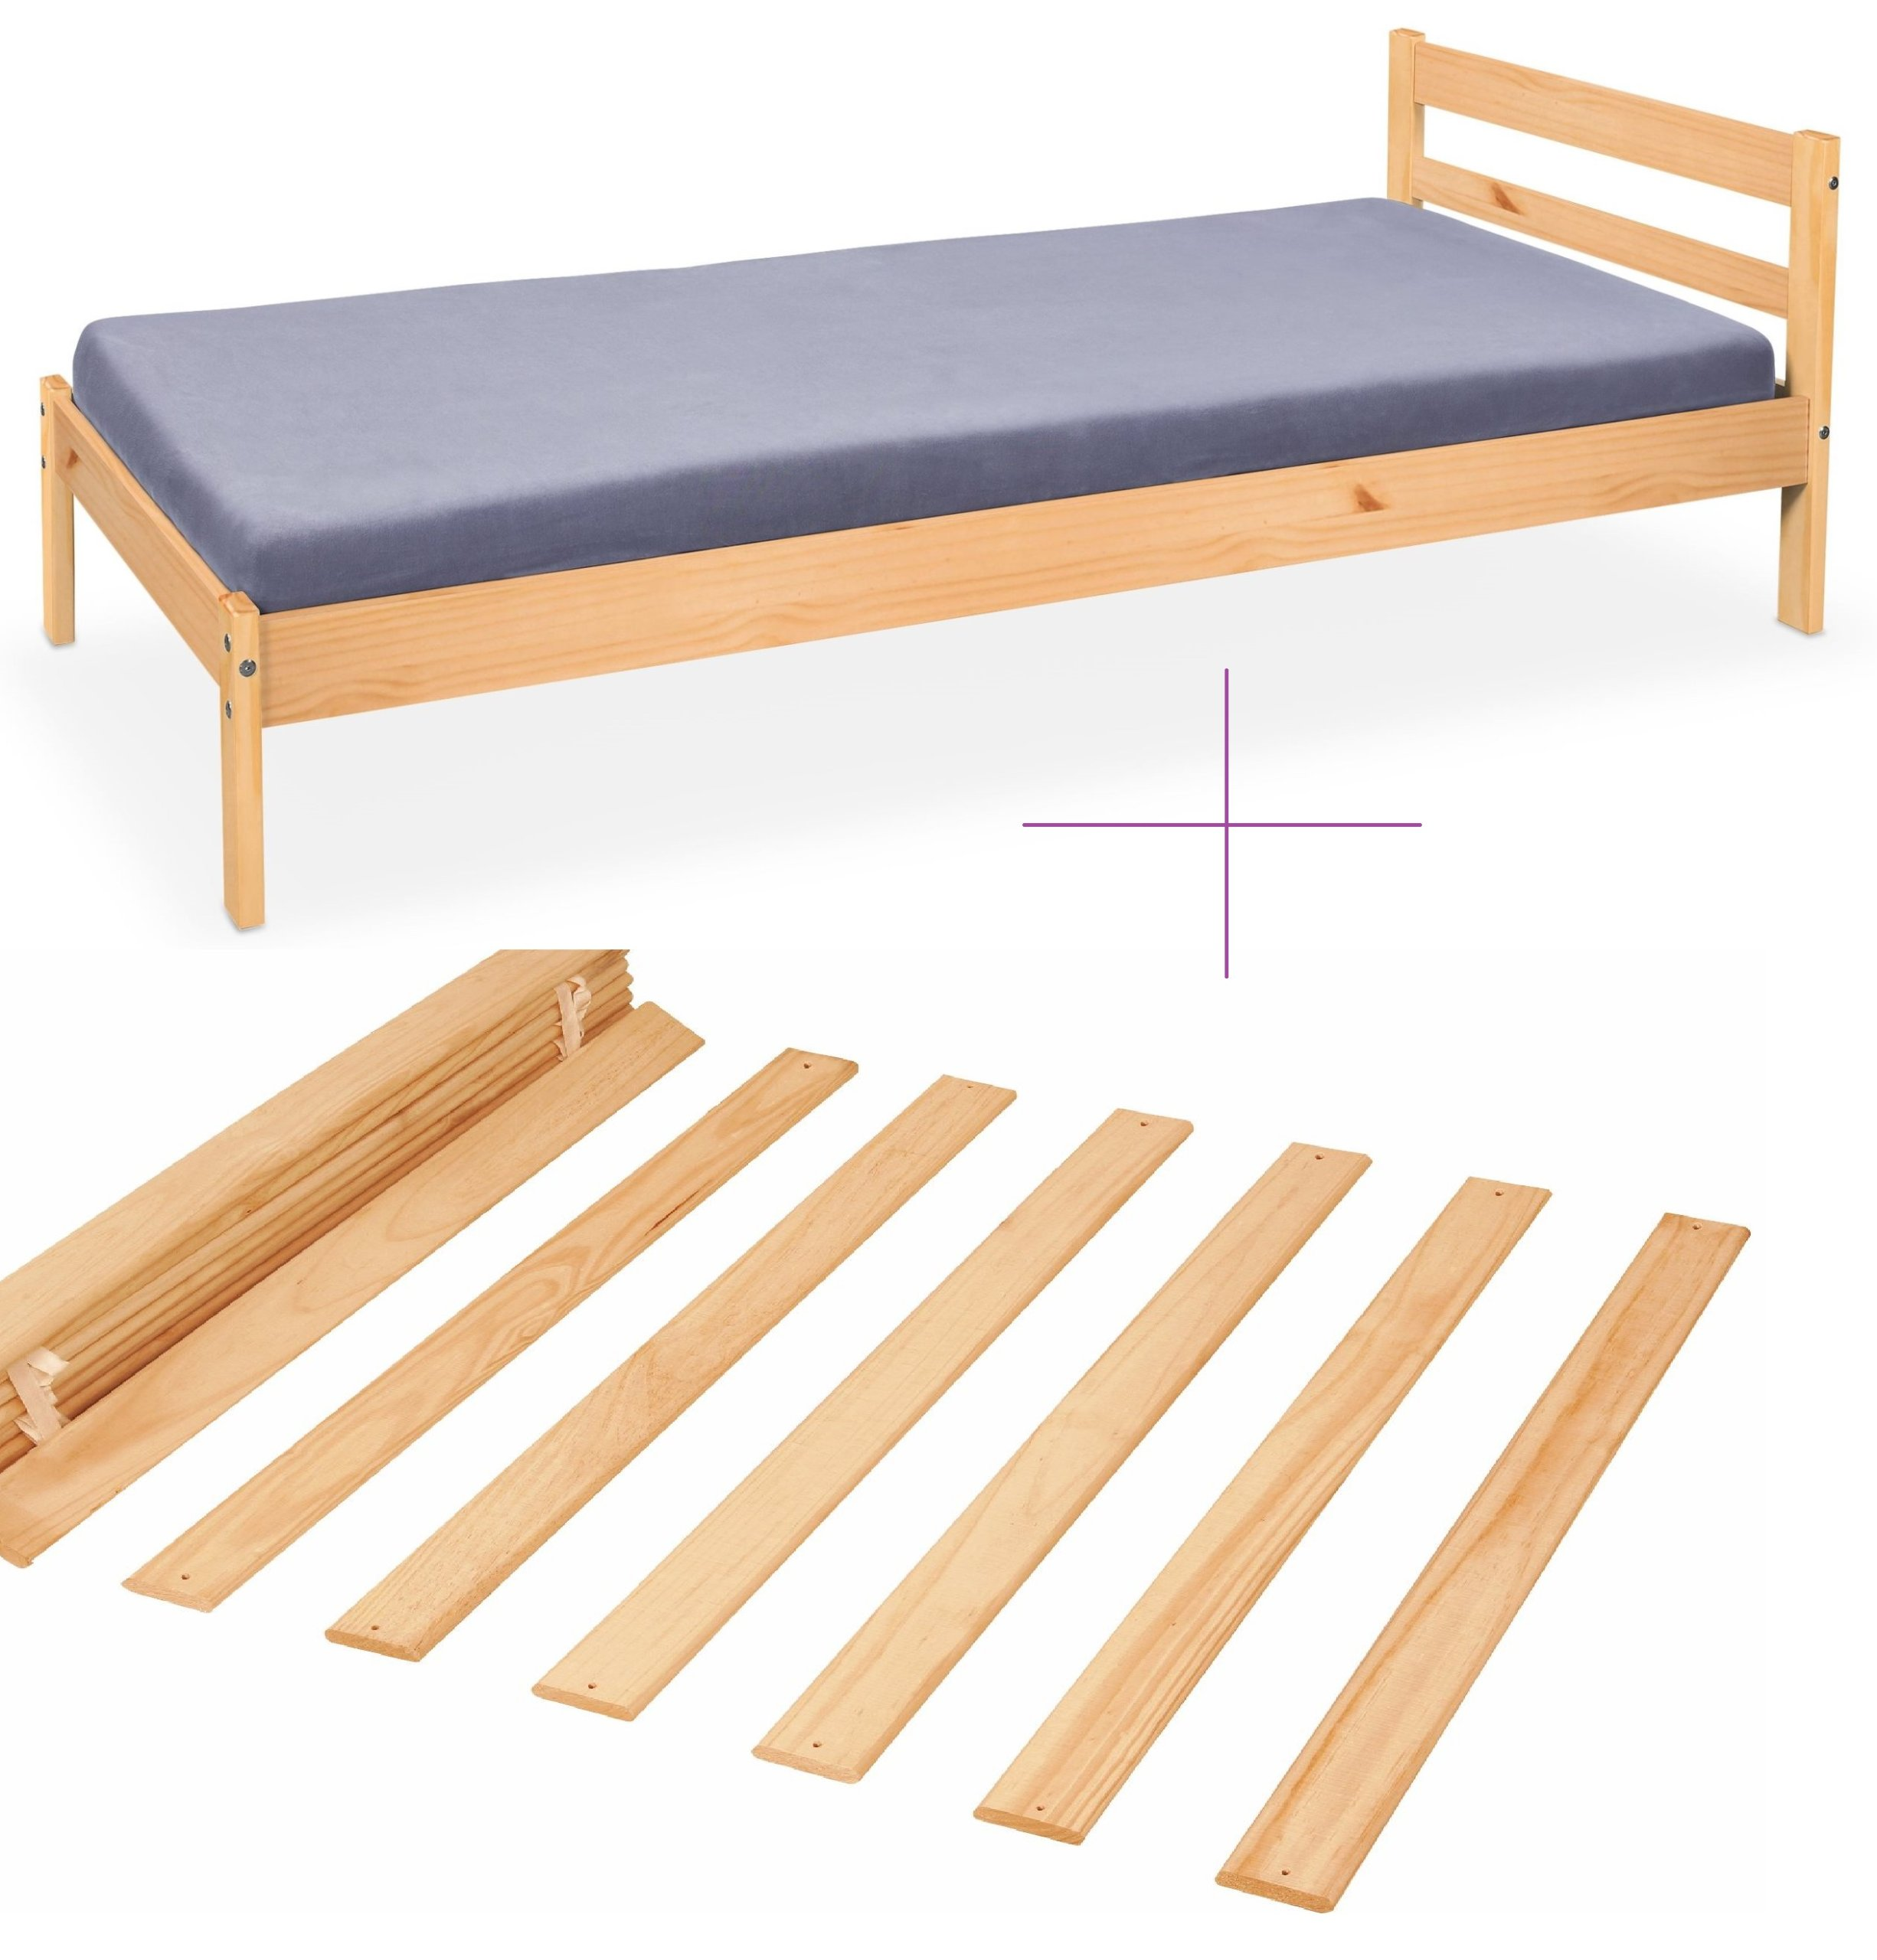 łóżko Dziecięce Tanie łóżka 90x200 Sosnowe 1os 6155849950